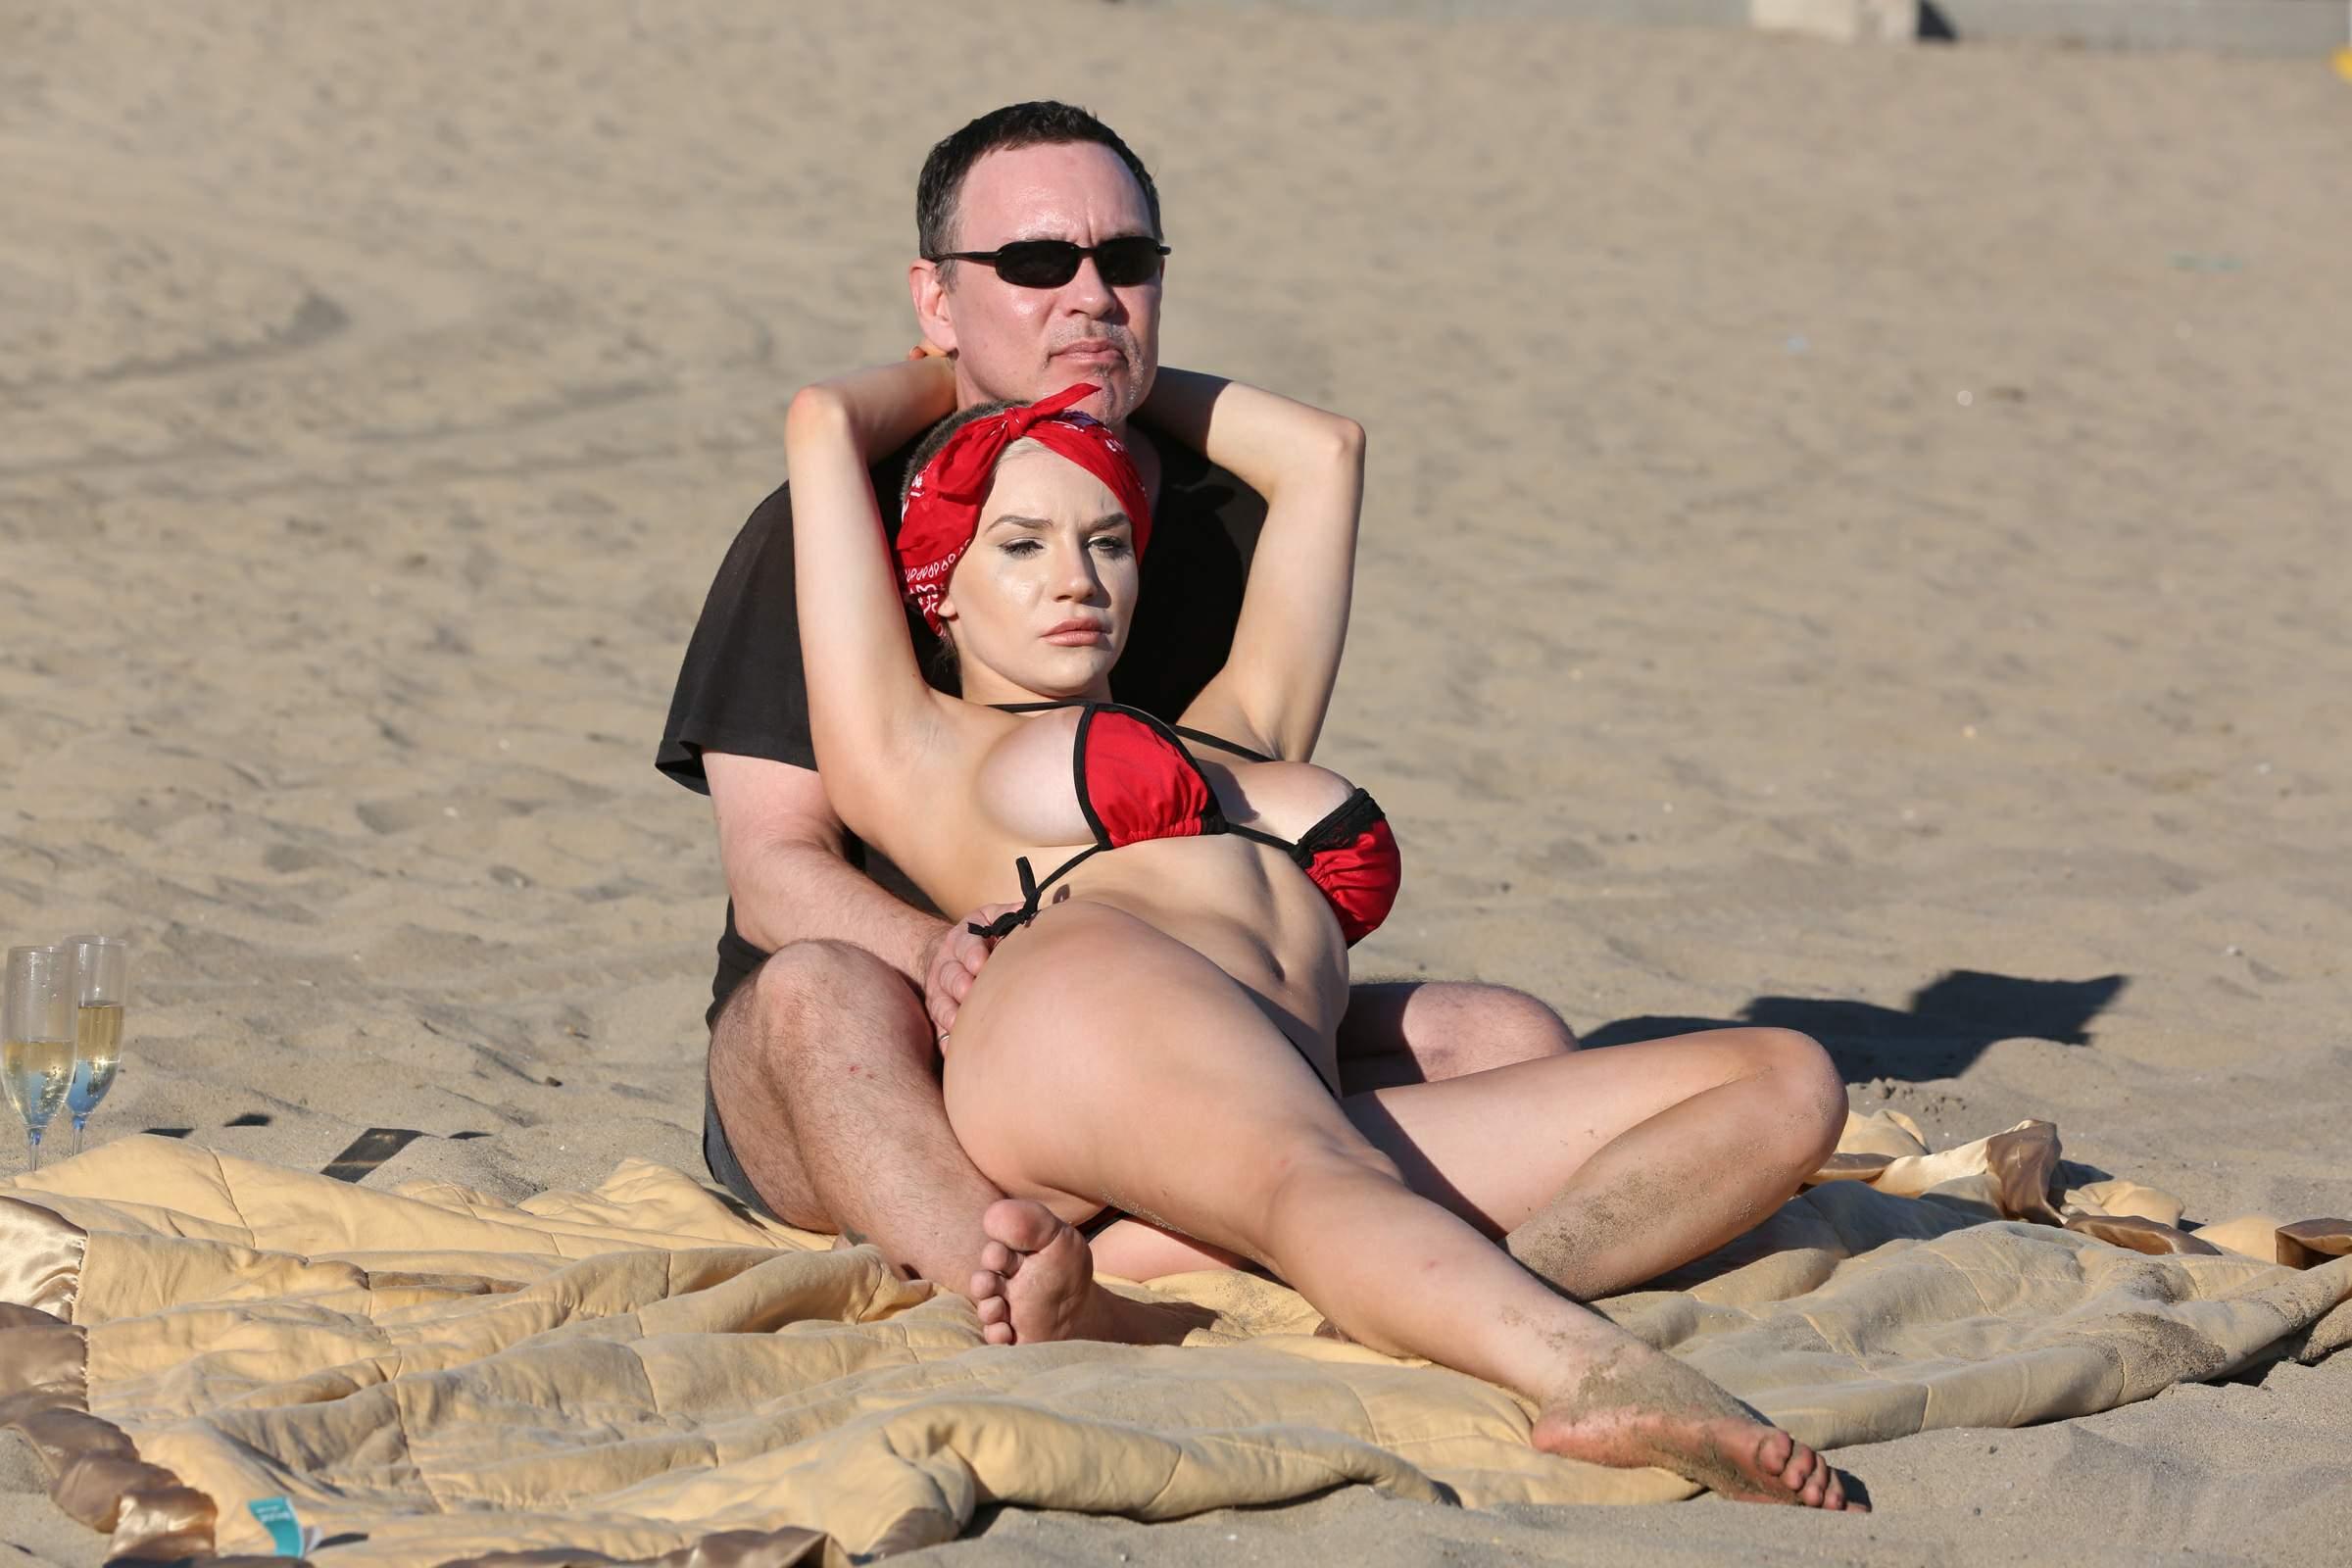 с женой на пляже фото секс смотреть